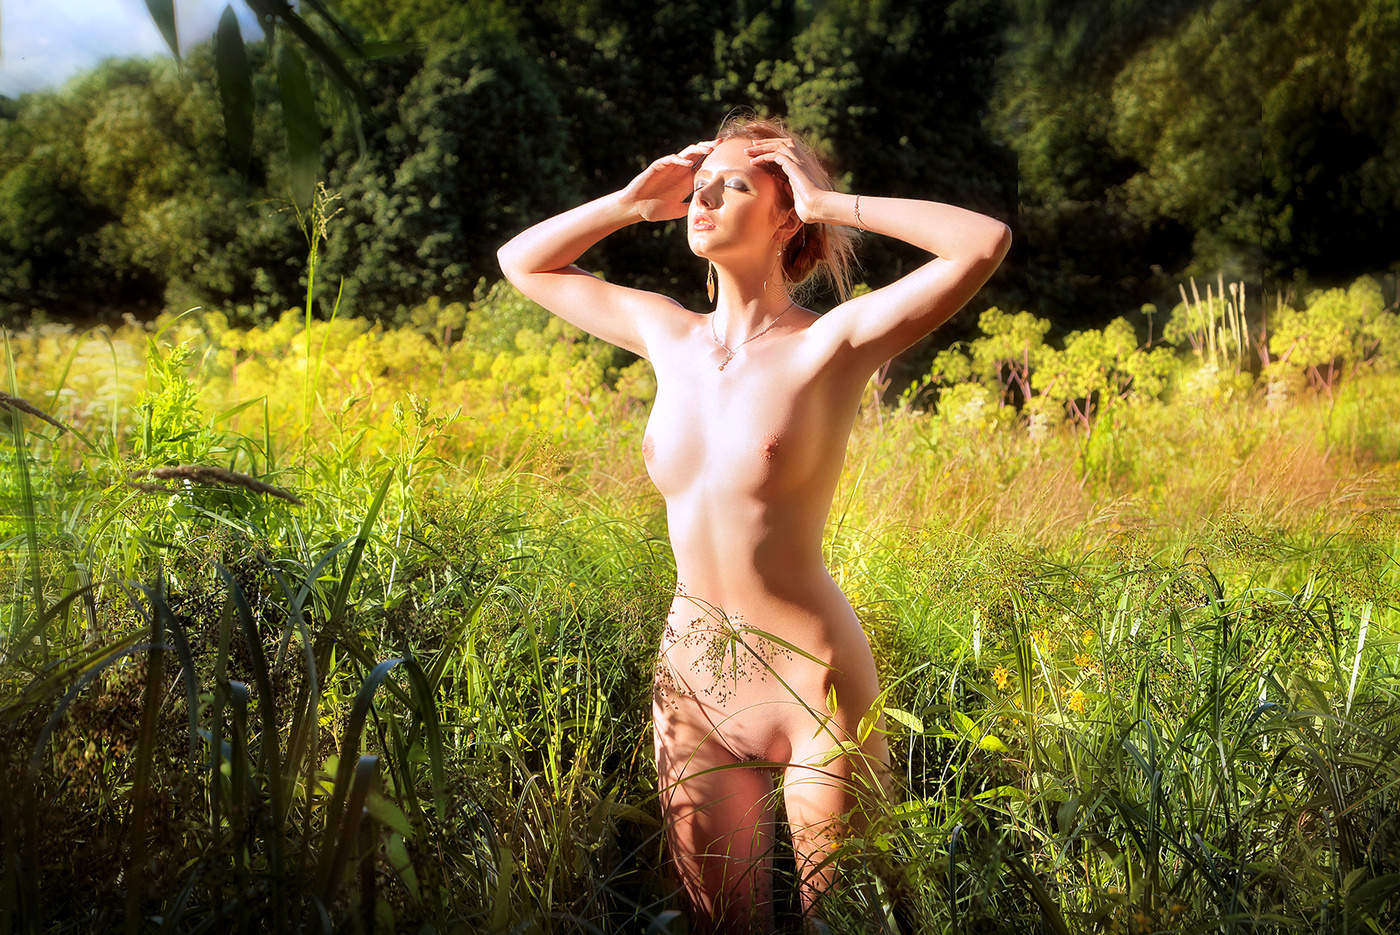 шарик начинал качественная фотосессия топлесс на природе контенте сайта могут